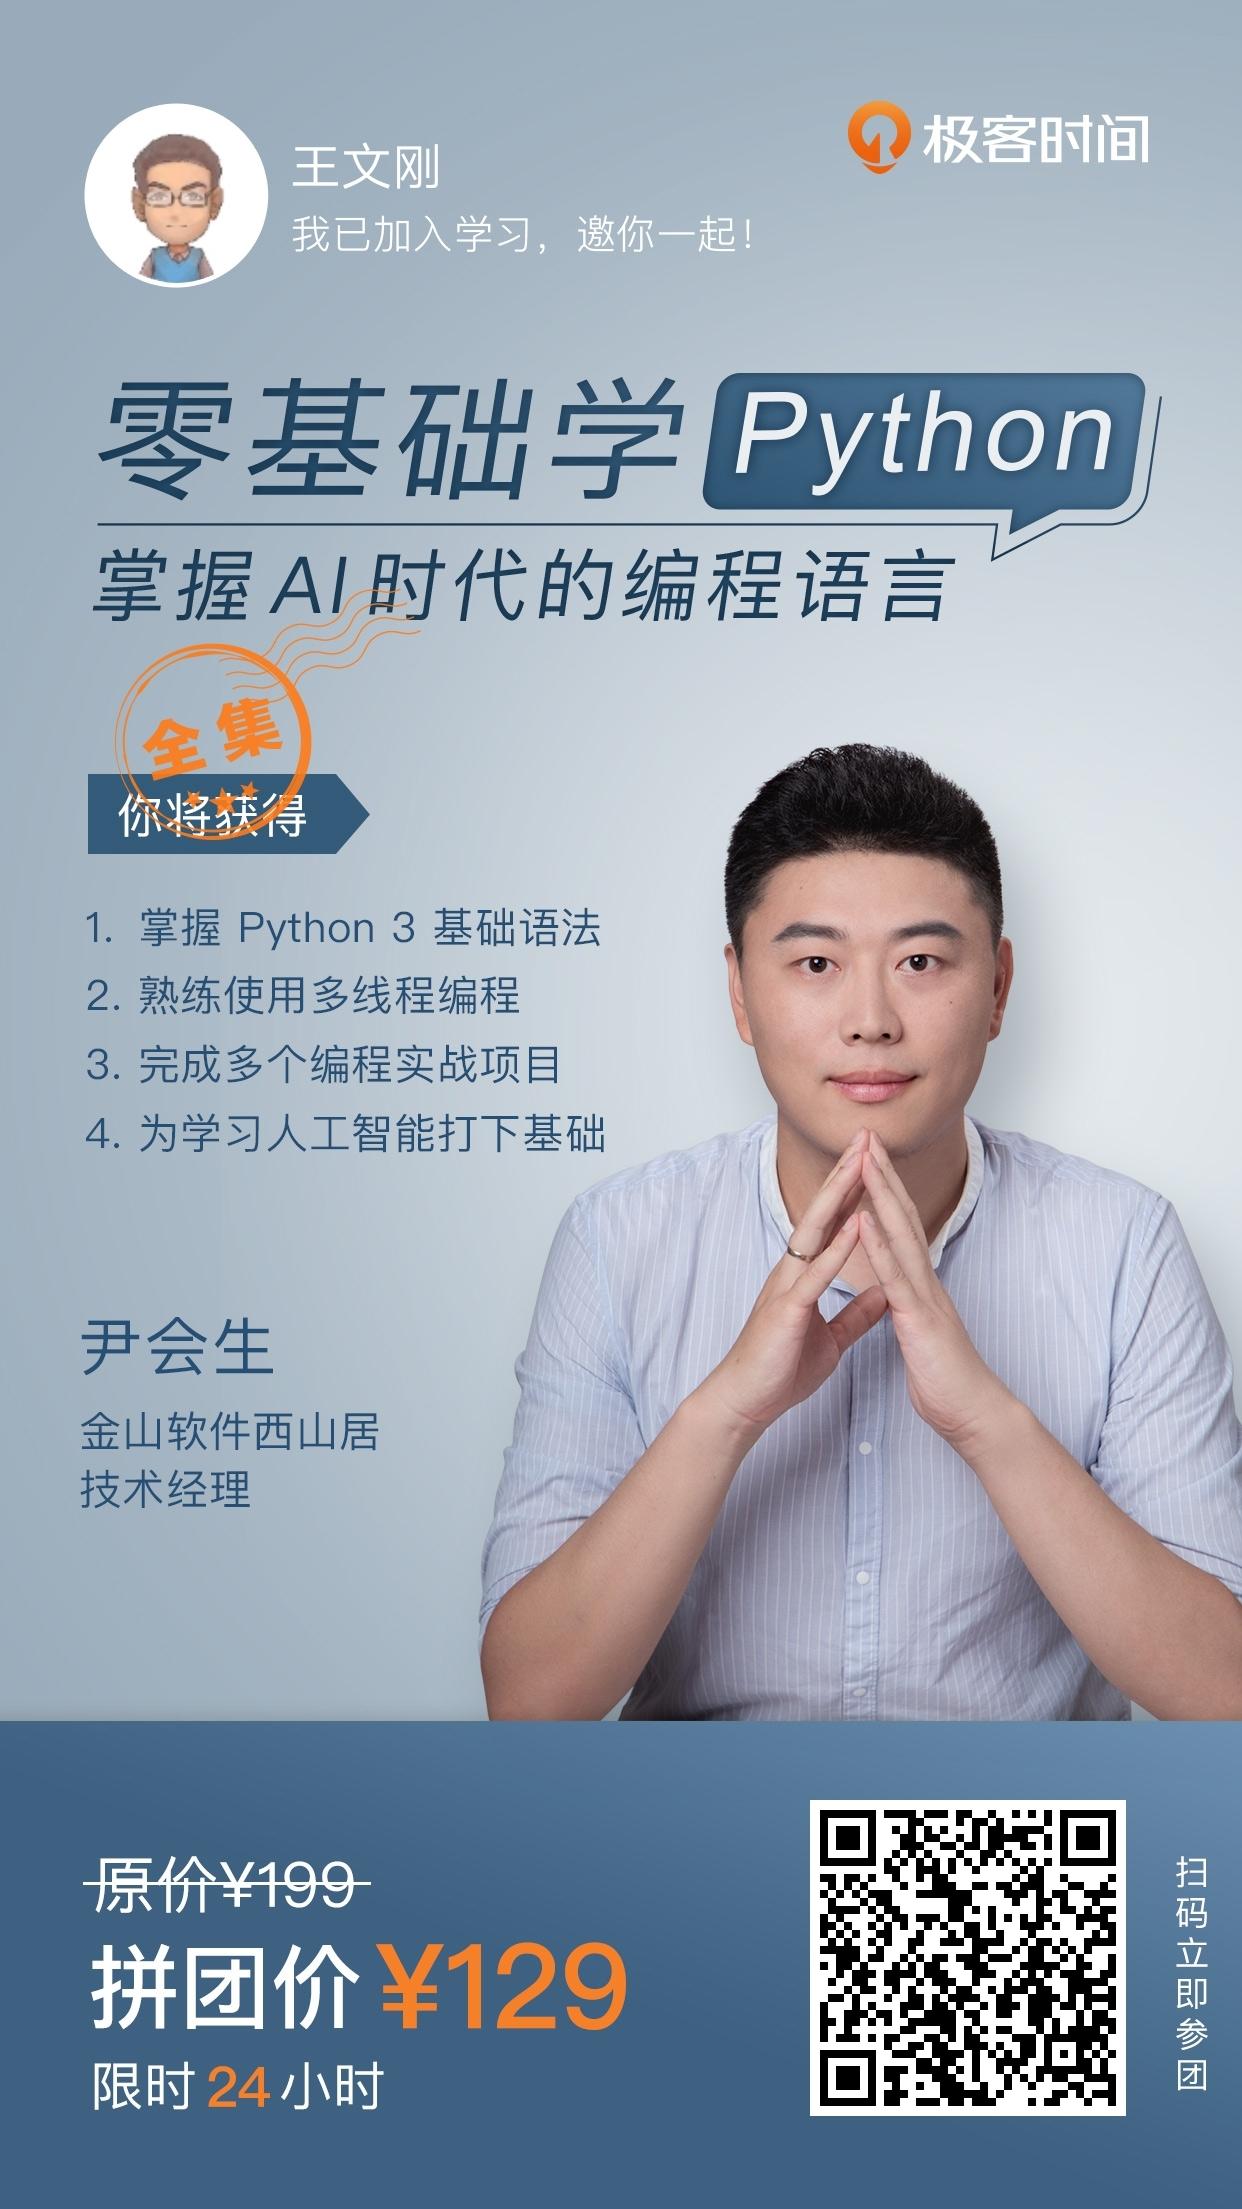 《极客时间》 - 《零基础学Python》 拼团